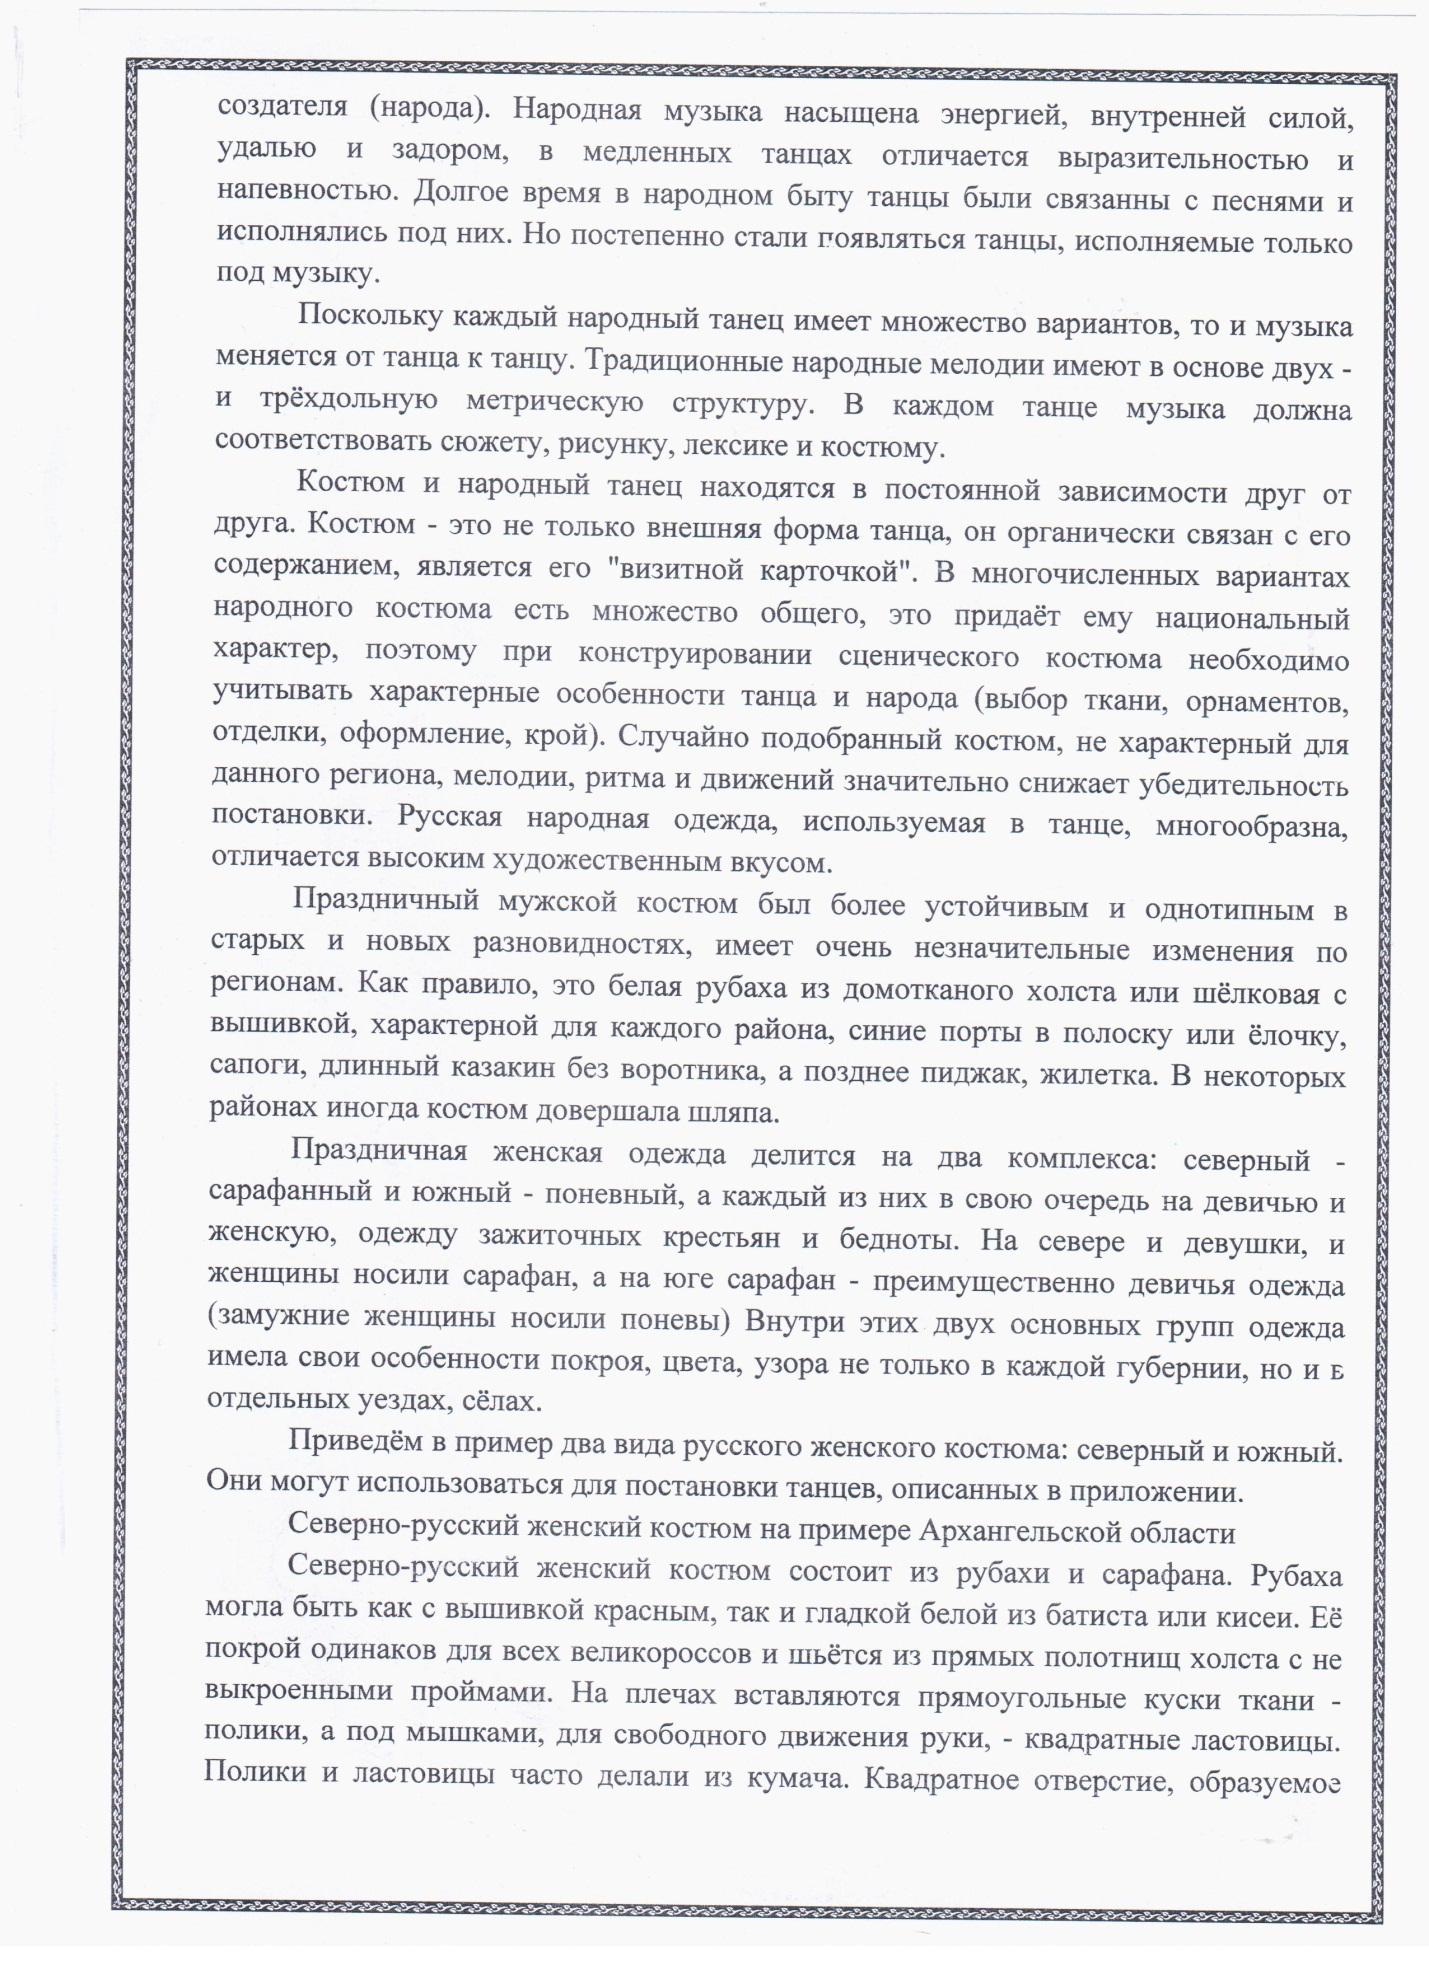 E:\доклад русский танец и еев иды\4.jpeg